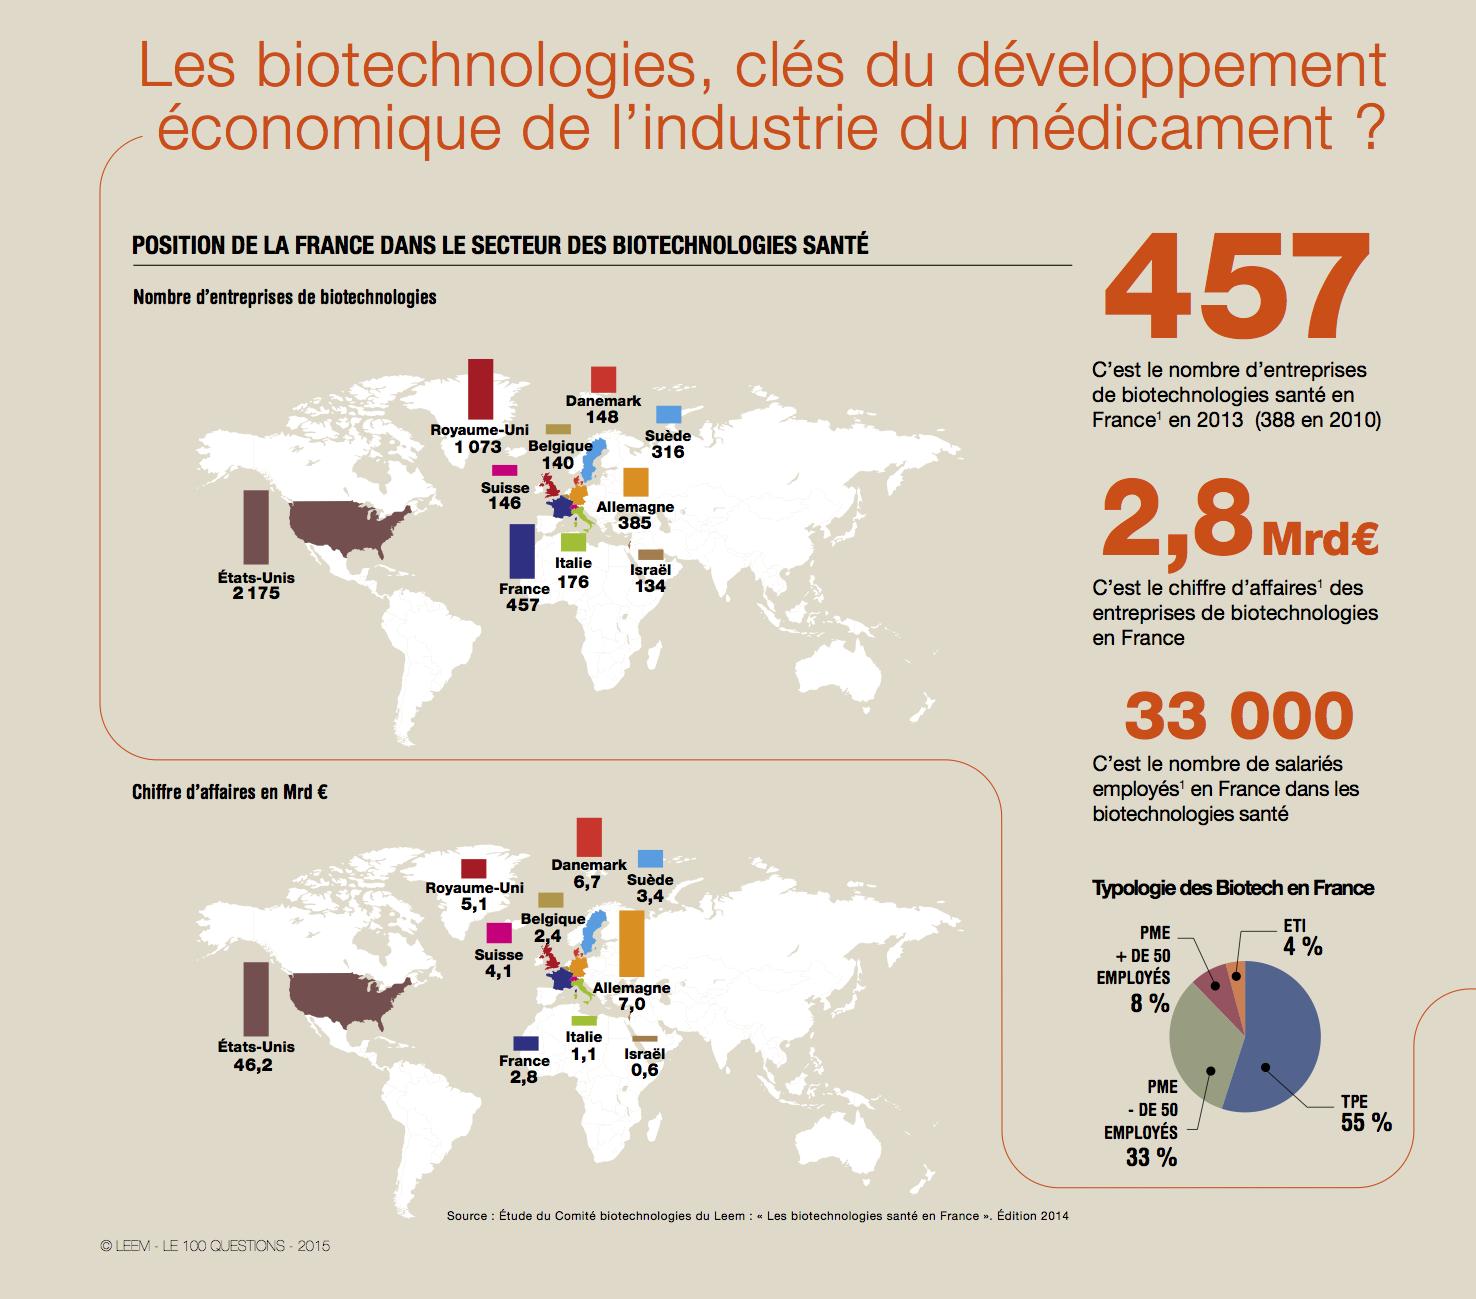 15_Biotechnologies _ Les biotechnologies, clés du développement économique de l'industrie du médicament _